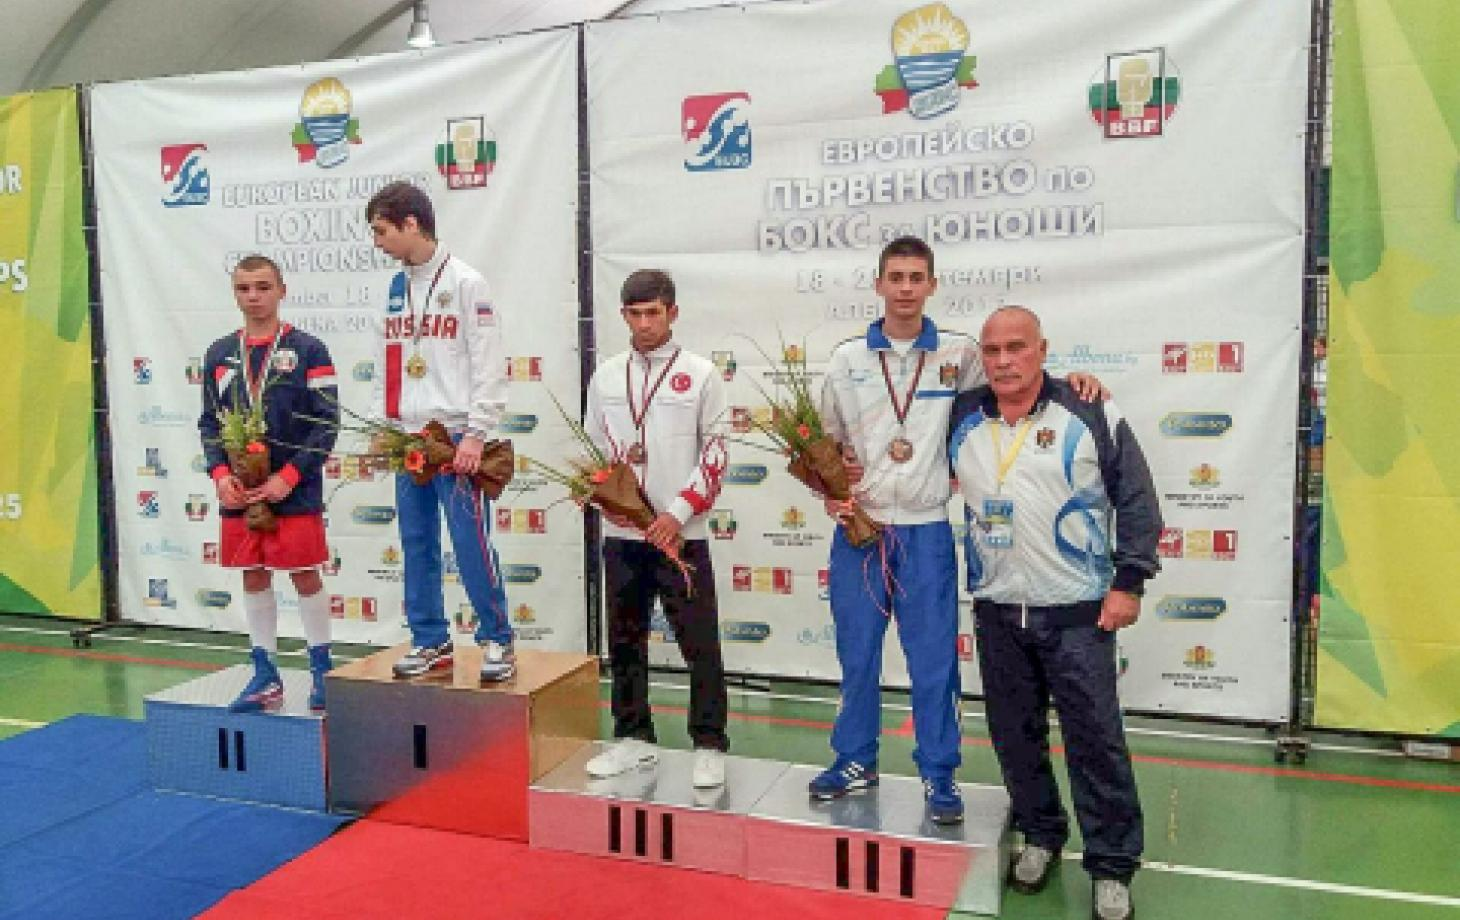 Виталий Присакару на третьей ступени пьедестала. Рядом — тренер Игорь Пупков.